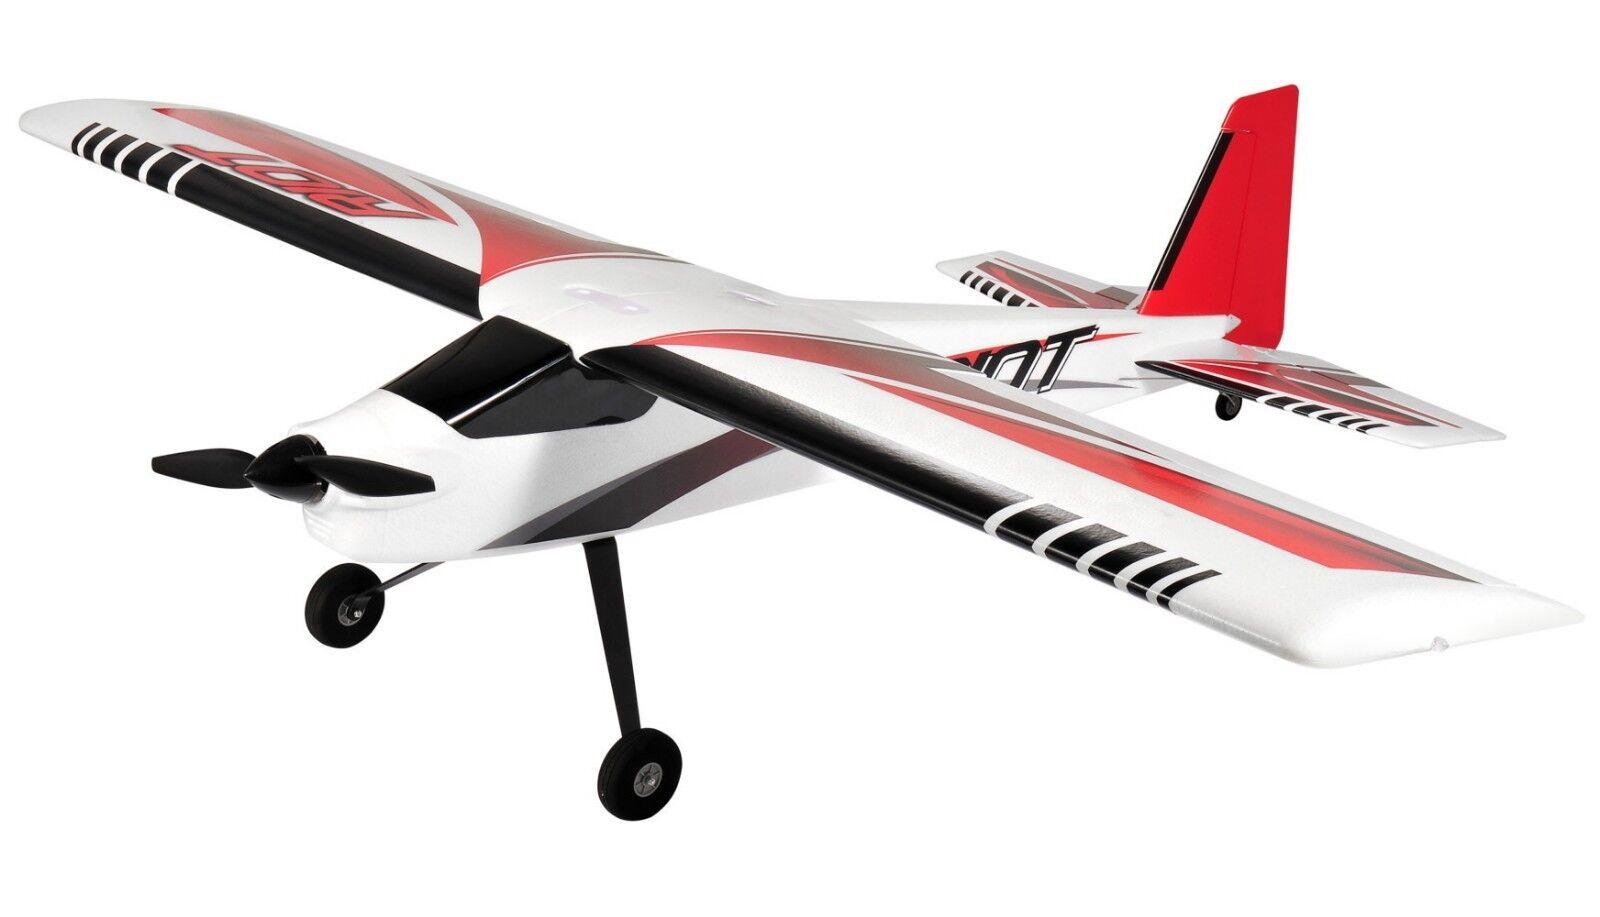 RC MOTORE marinai Riot v2 Air Trainer 140, 1400mm  BRUSHLESS PNP Rosso Nuovo  il più economico